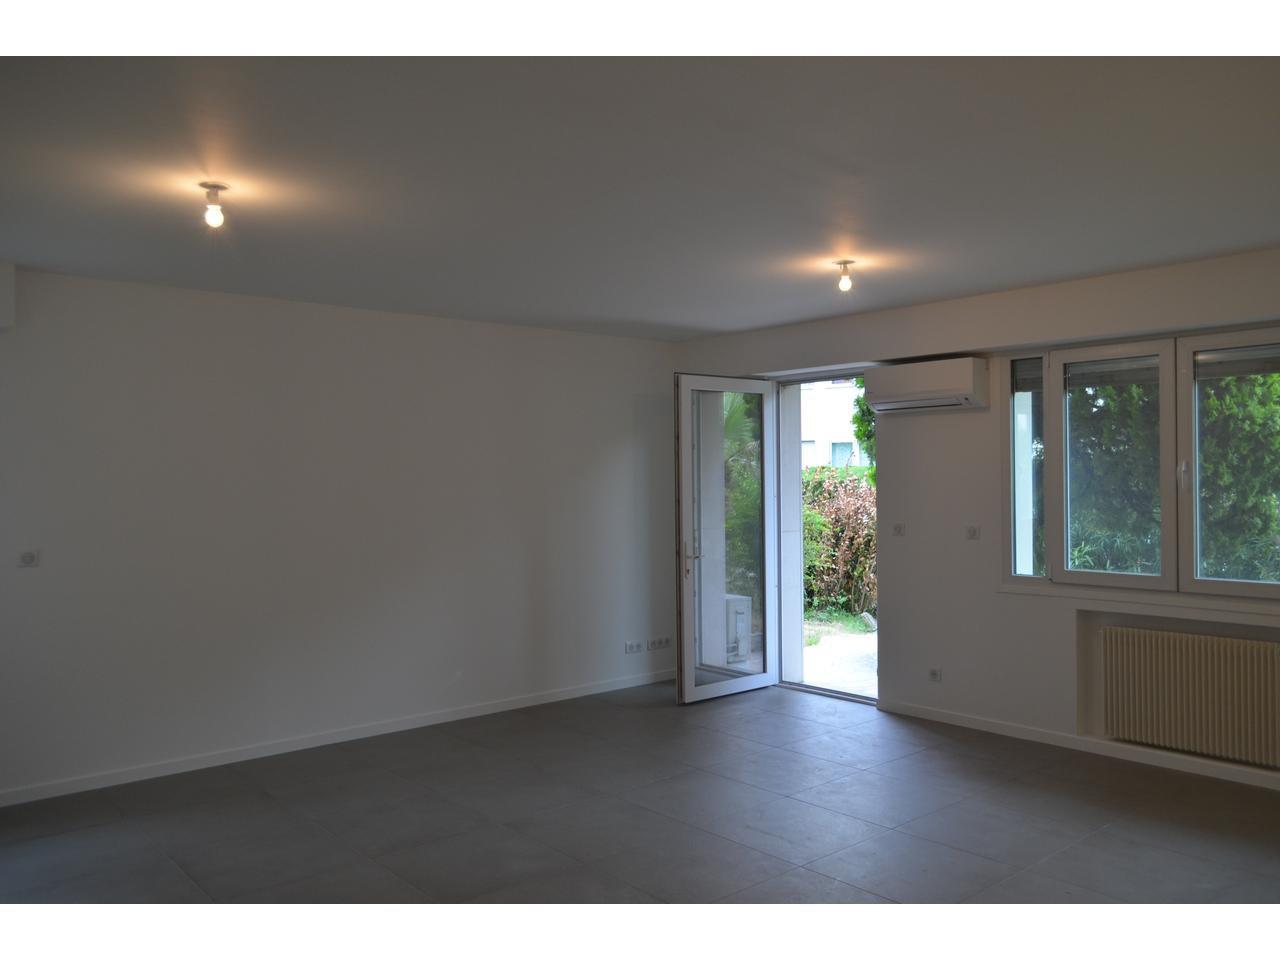 Ste marguerite : superbe 3 Pièces 80 m2, rez de jardin , jardin 180 m2 , rénové , possibilité garage.